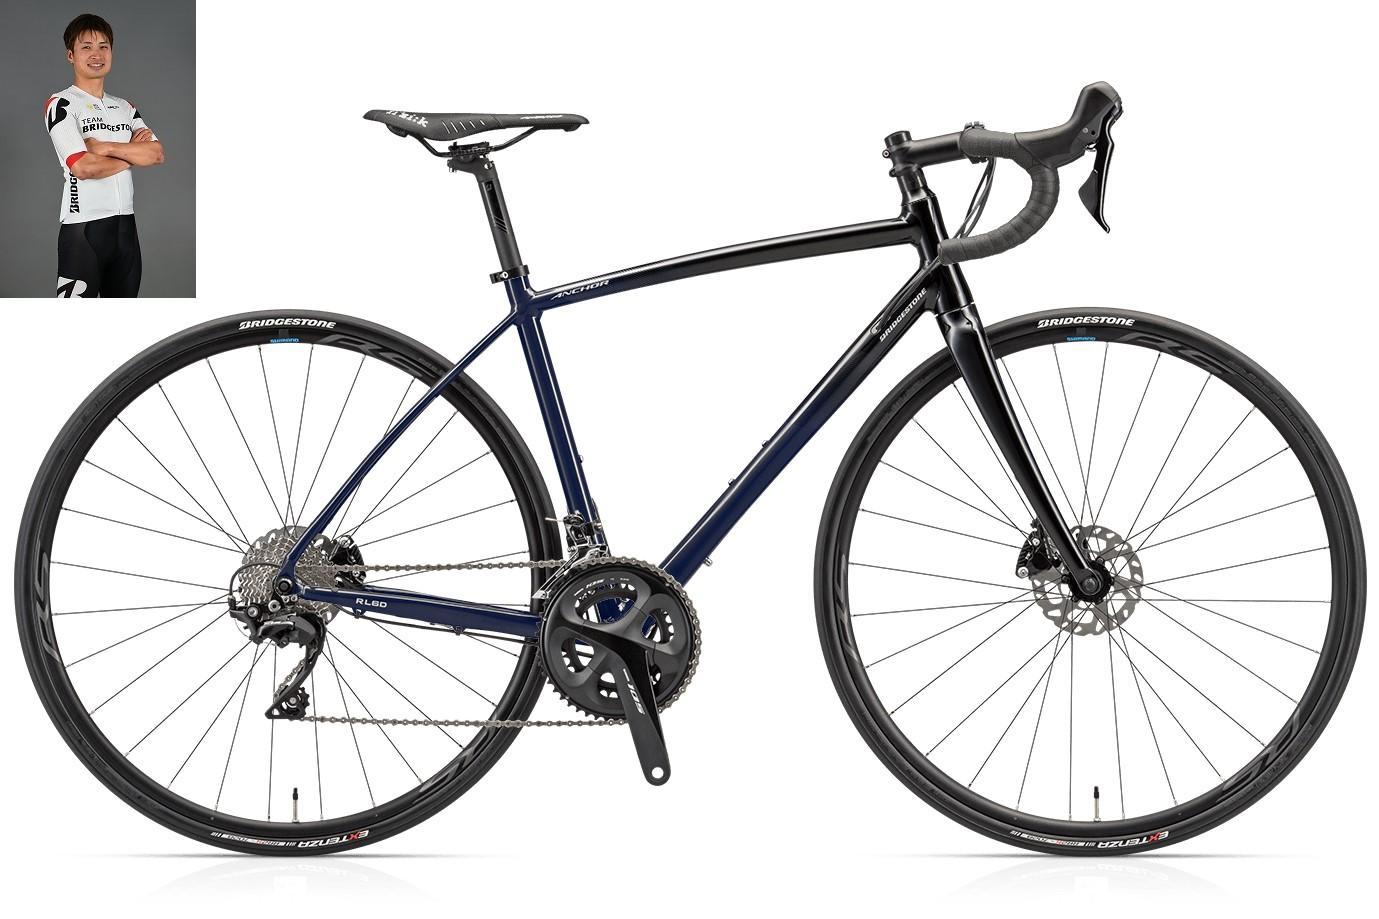 【 色男色女No.1決定戦! 】TEAM BRIDGESTONE Cyclingが選ぶカラーオーダーバイク